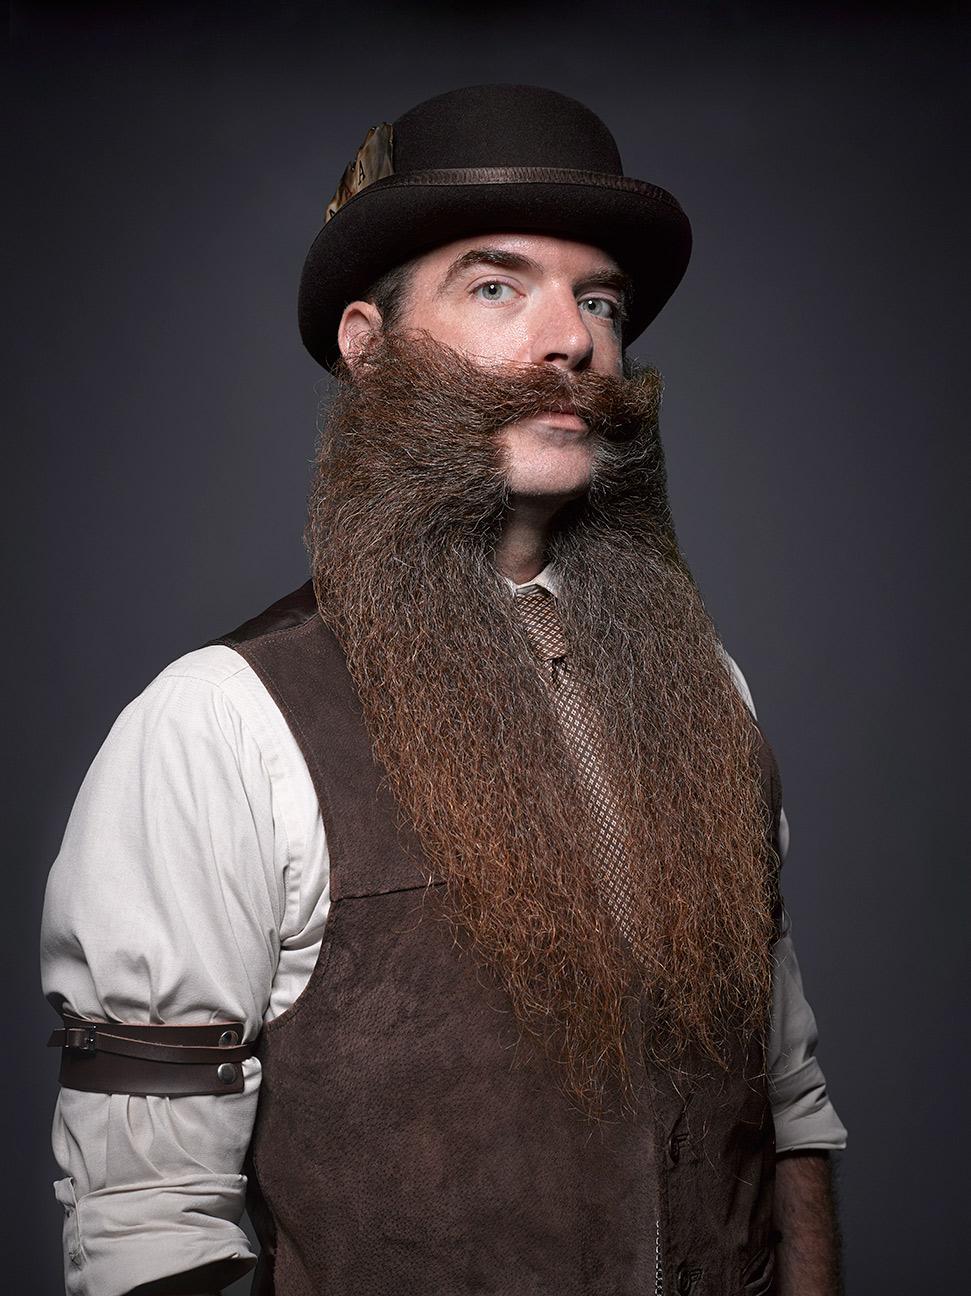 Харизматичные участники Национального чемпионата бороды и усов 2016